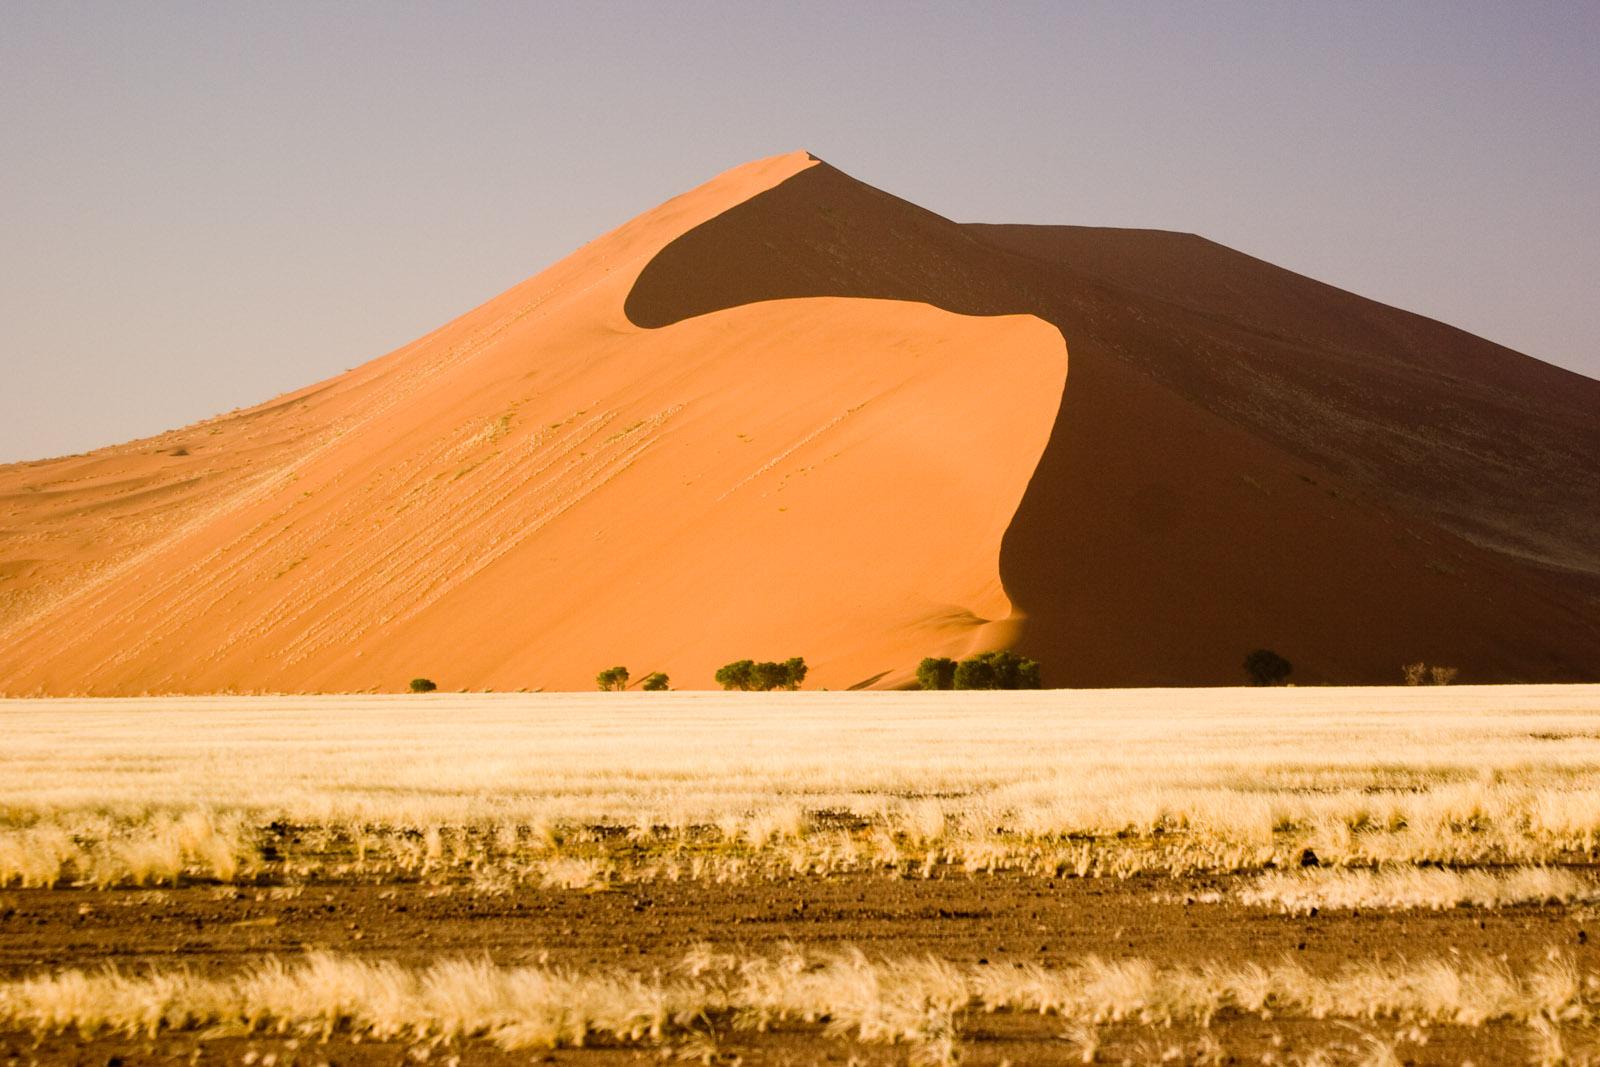 Namib Desert clipart #1, Download drawings